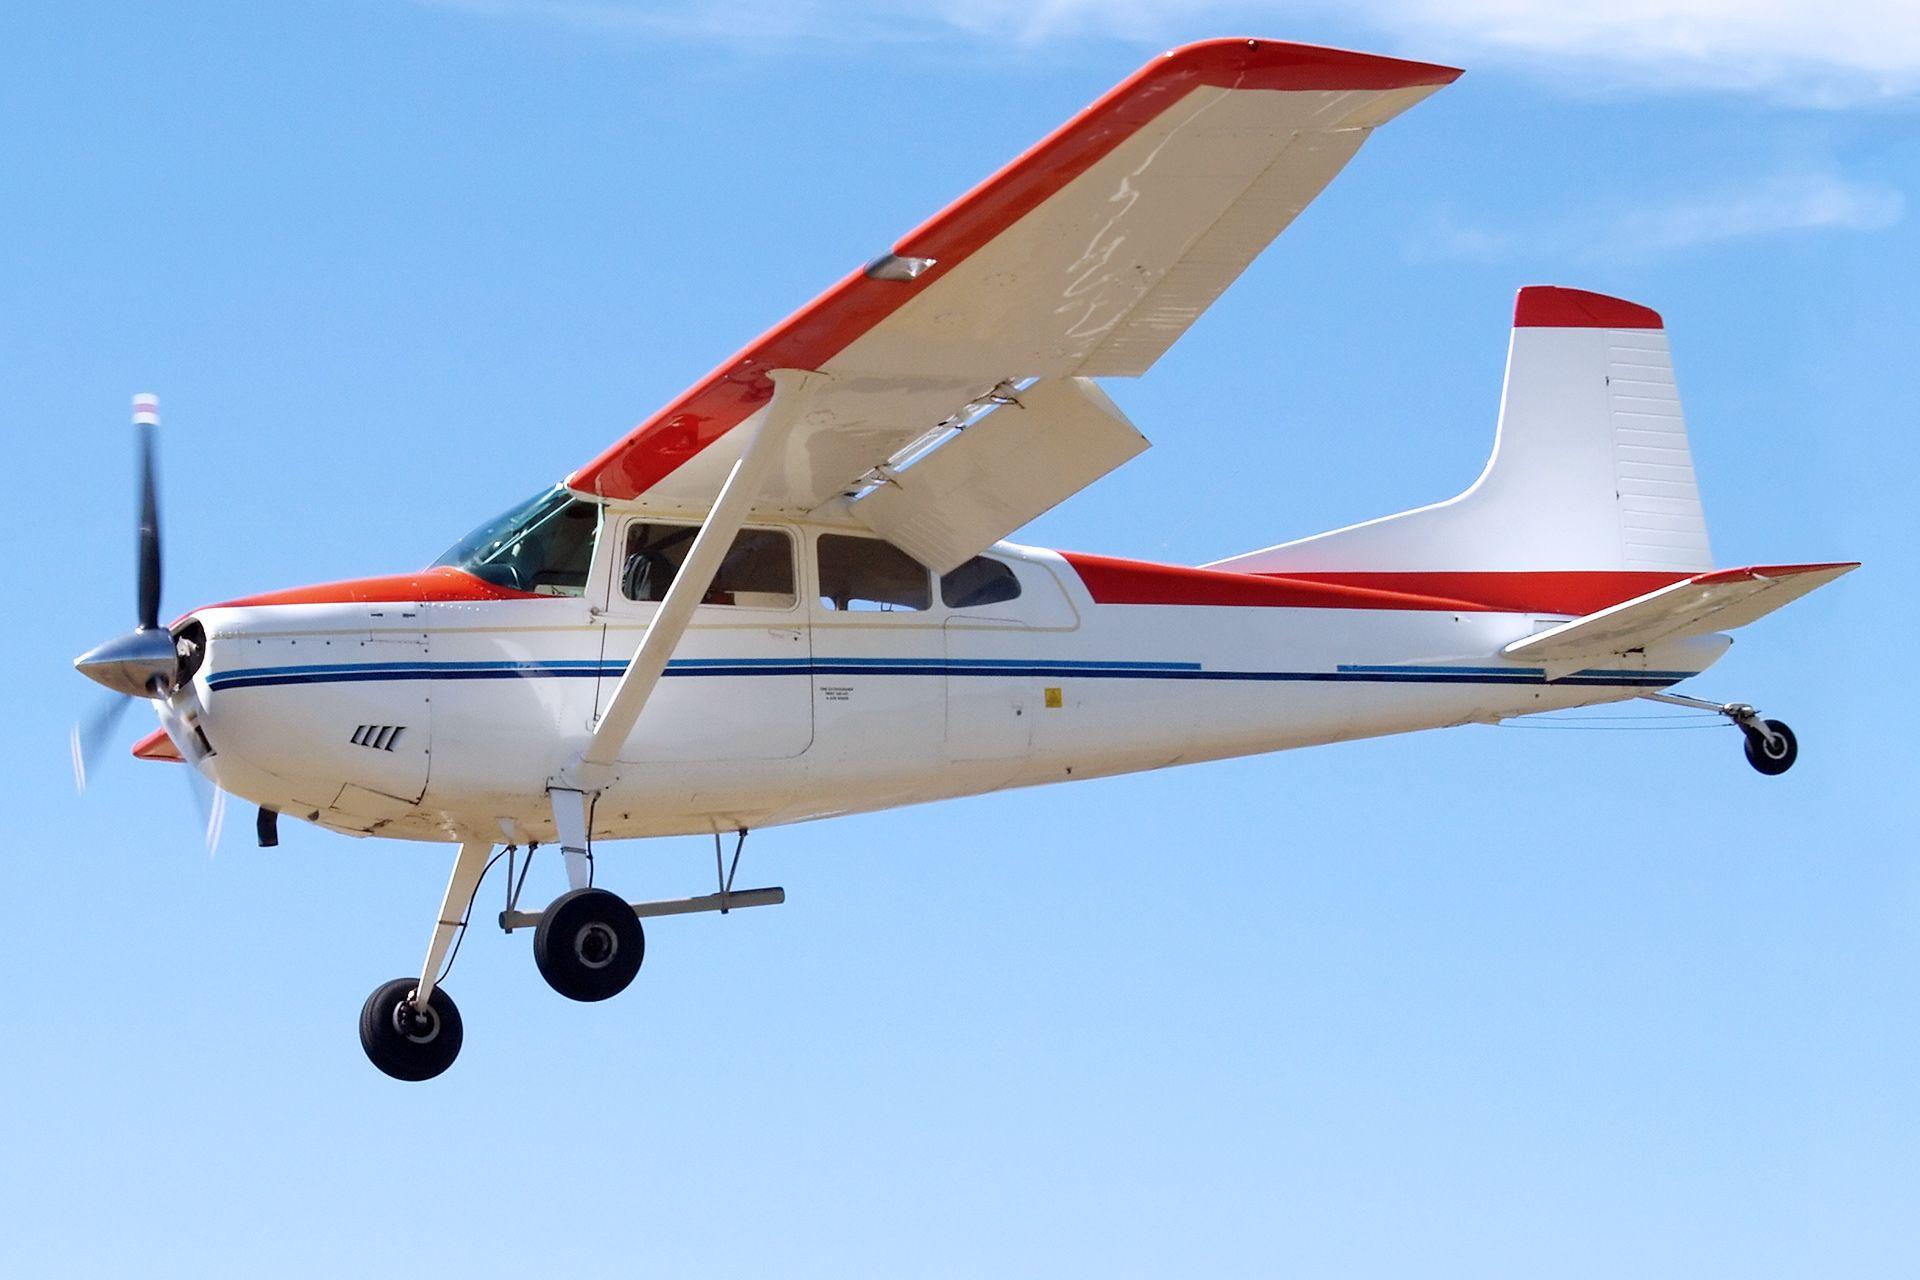 Flugzeug Rundflug ab 50€ schenken » Abheben & genießen